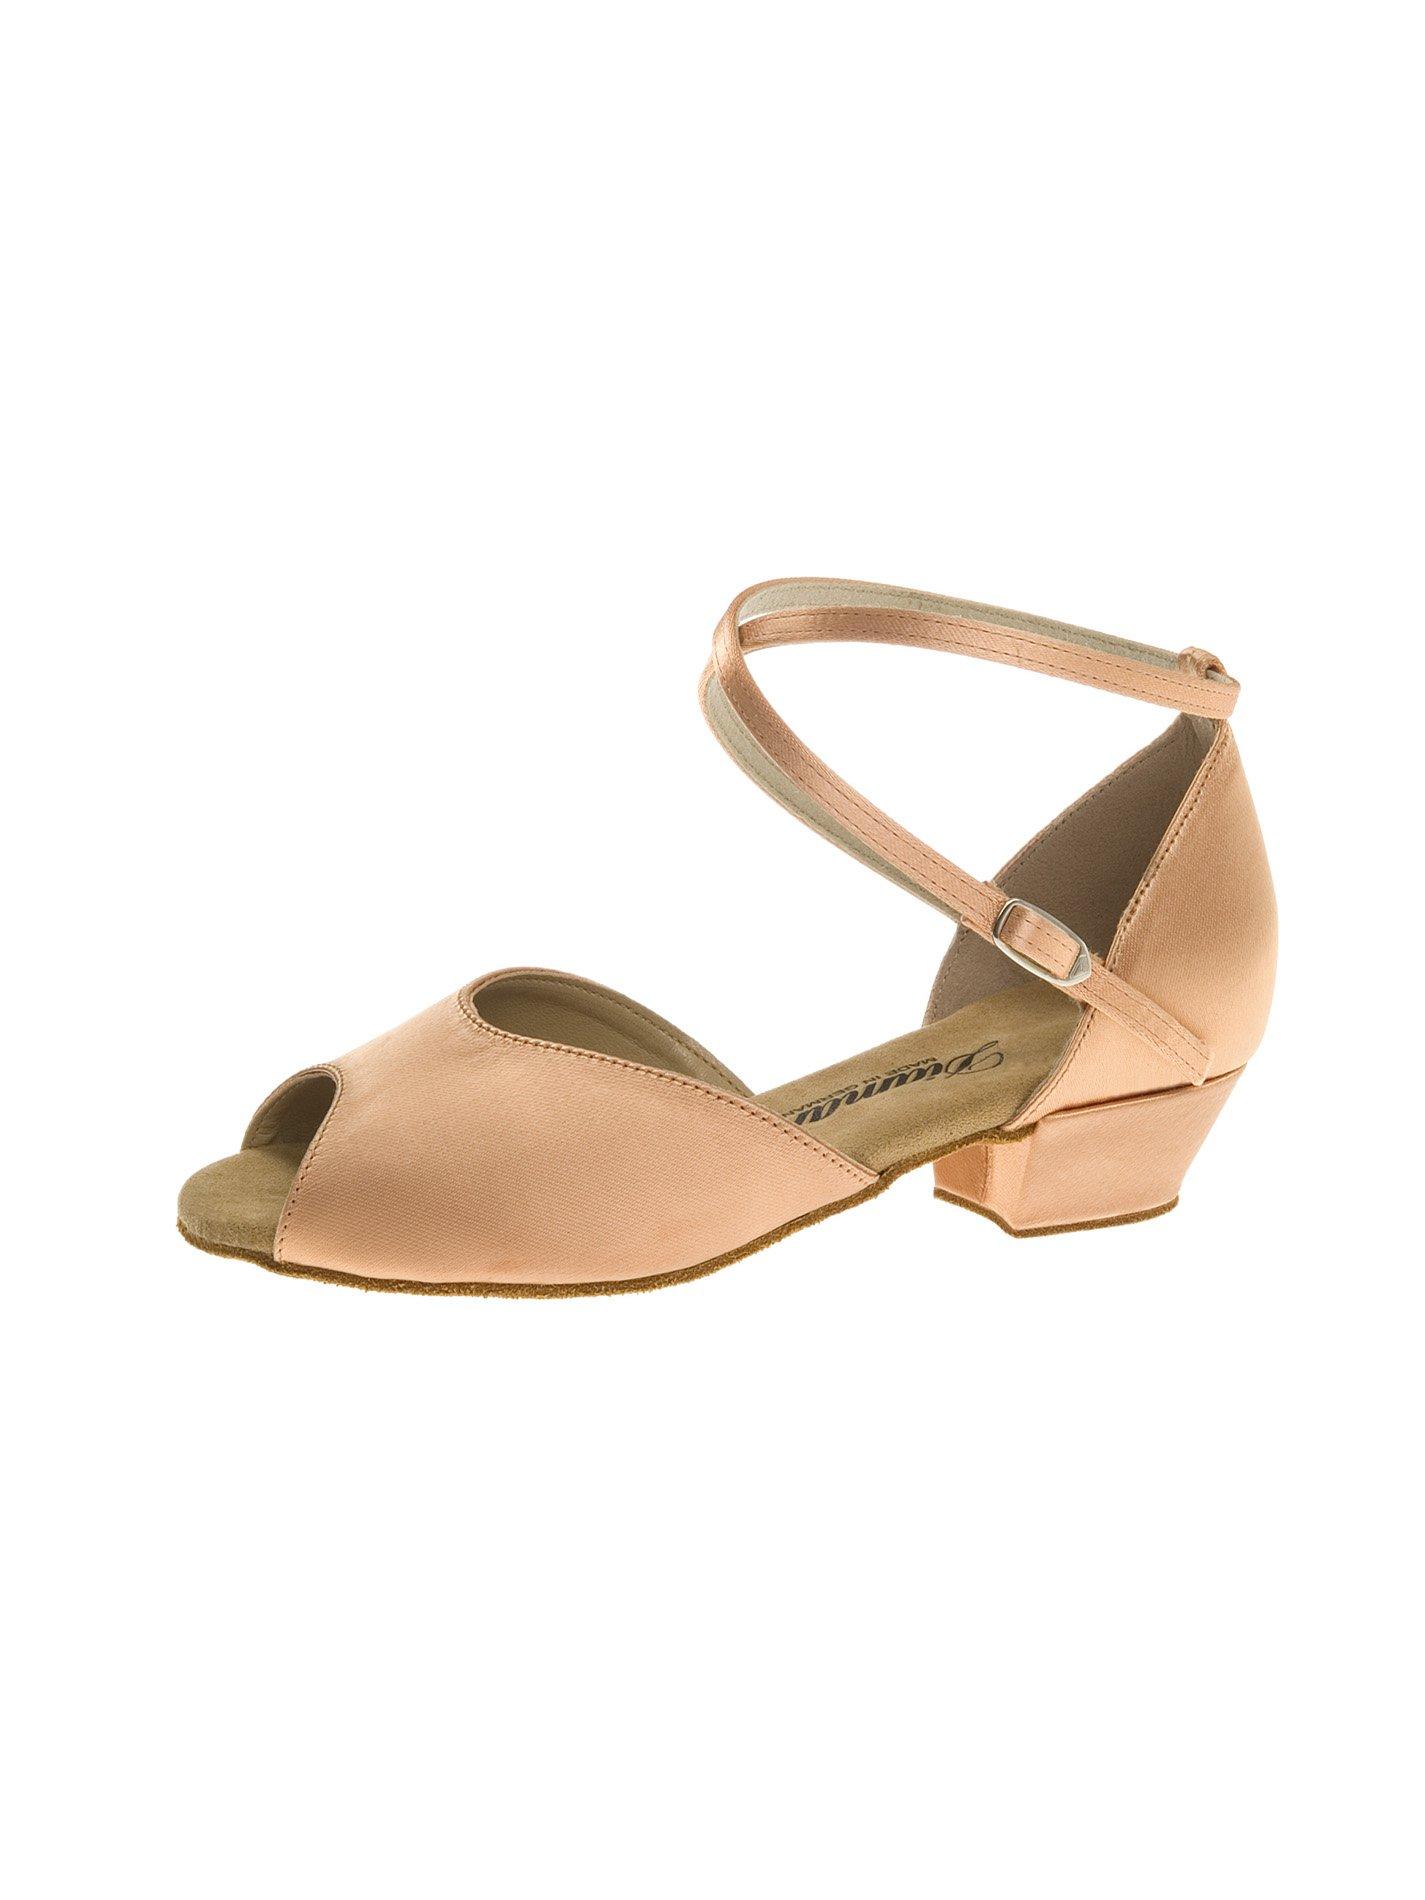 online store 78c81 b3fca Balliamo? | Scarpe da ballo, abbigliamento e accessori danza